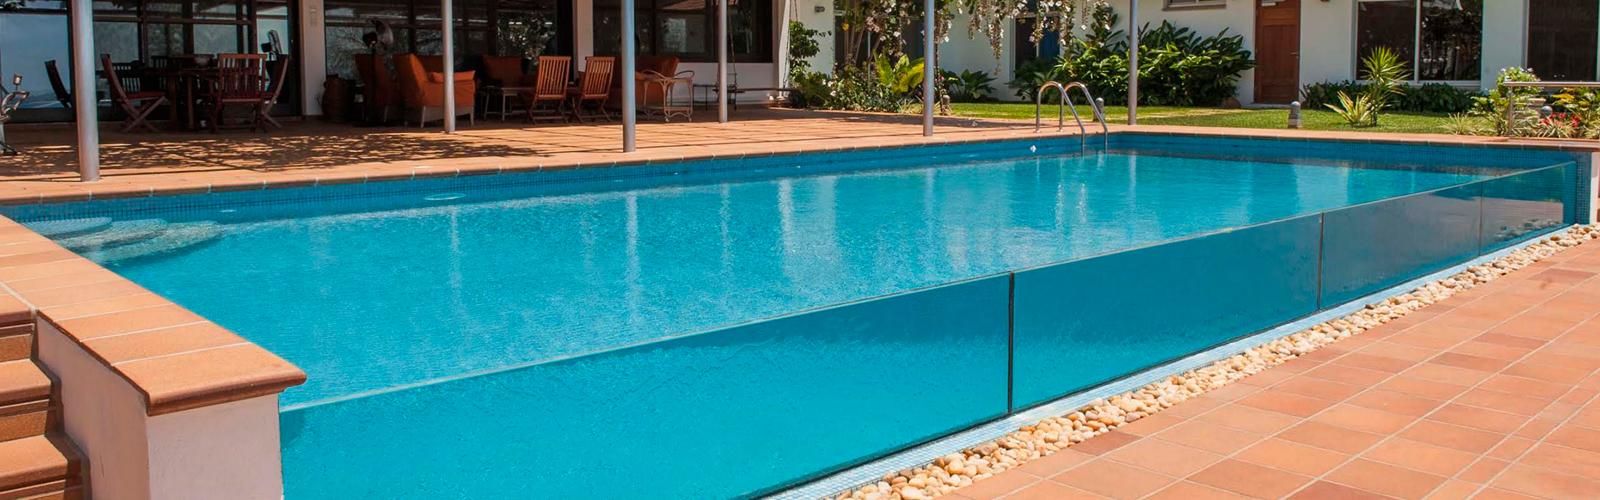 Gres natural para terrazas y piscinas de Gres Breda – Materiales y ...